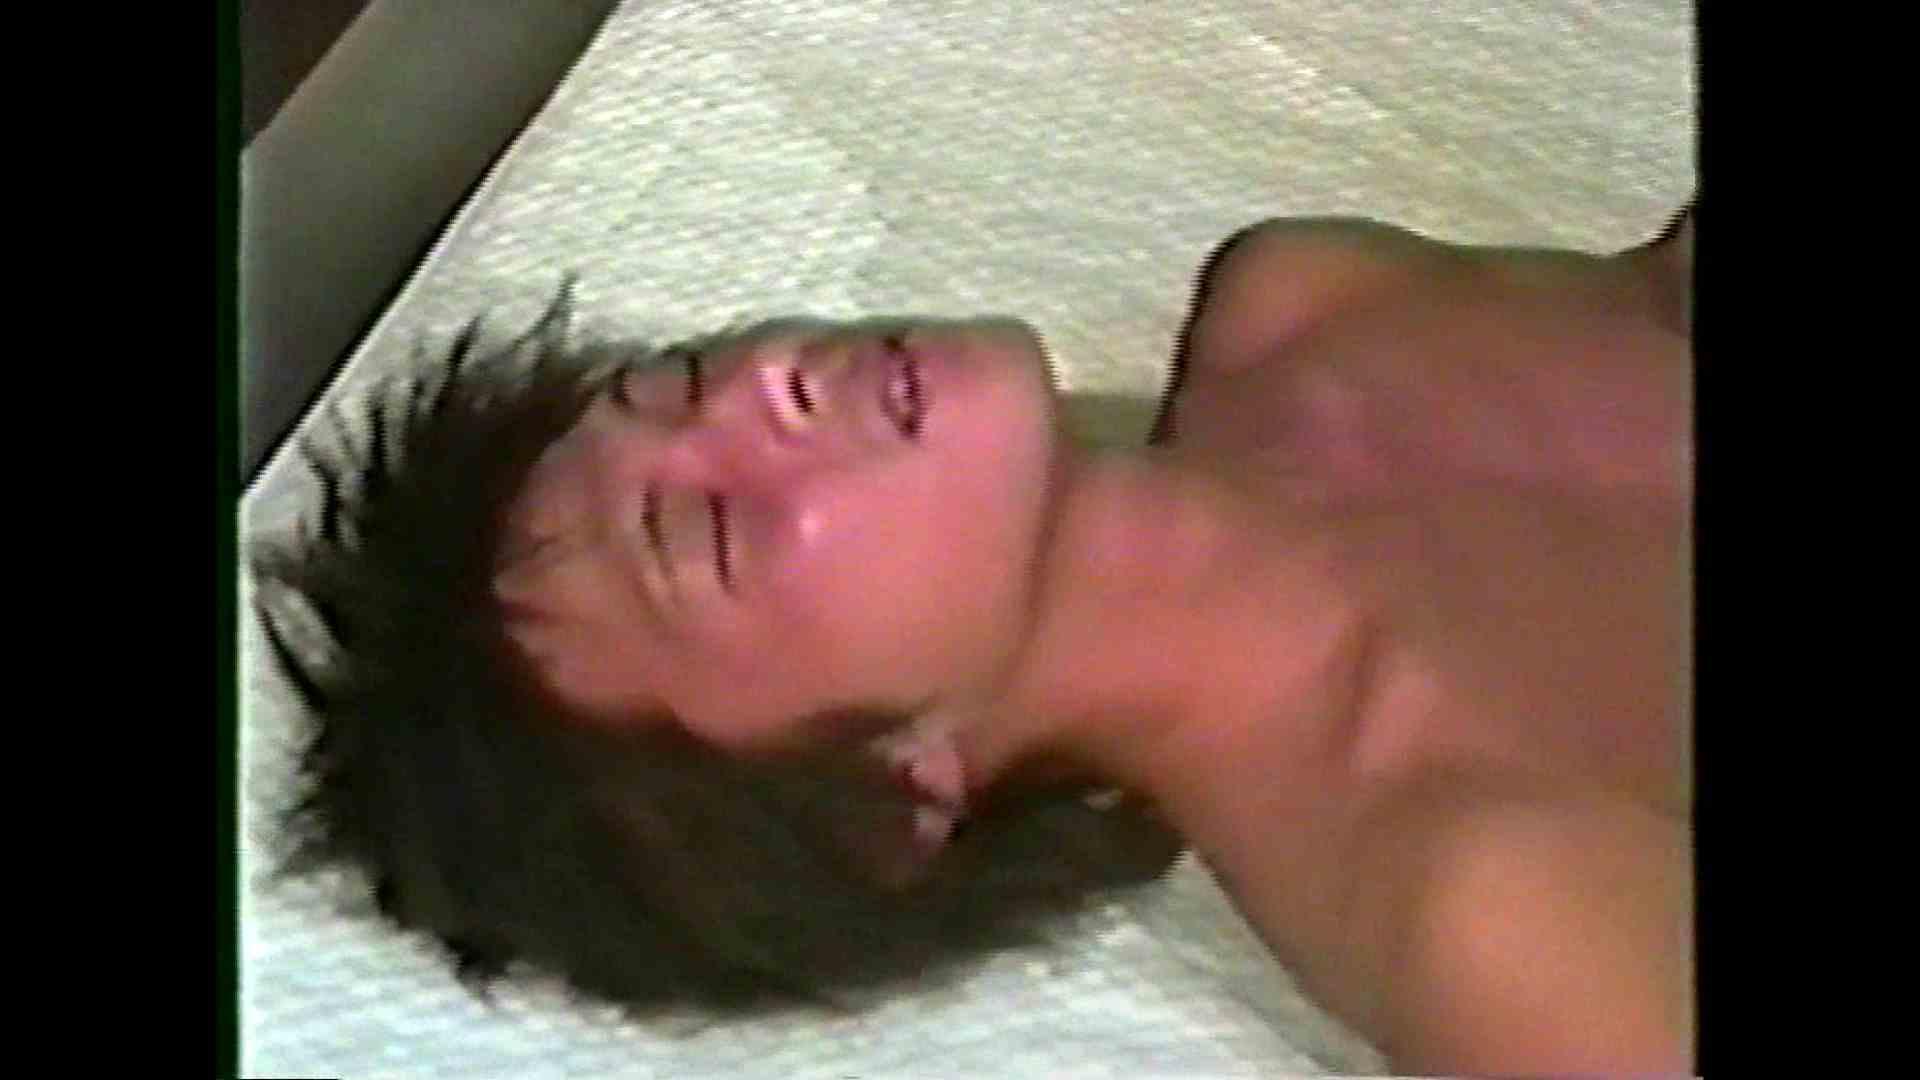 MADOKAさんのズリネタコレクションVol.3-3 入浴・シャワーシーン ゲイ無修正画像 67枚 21